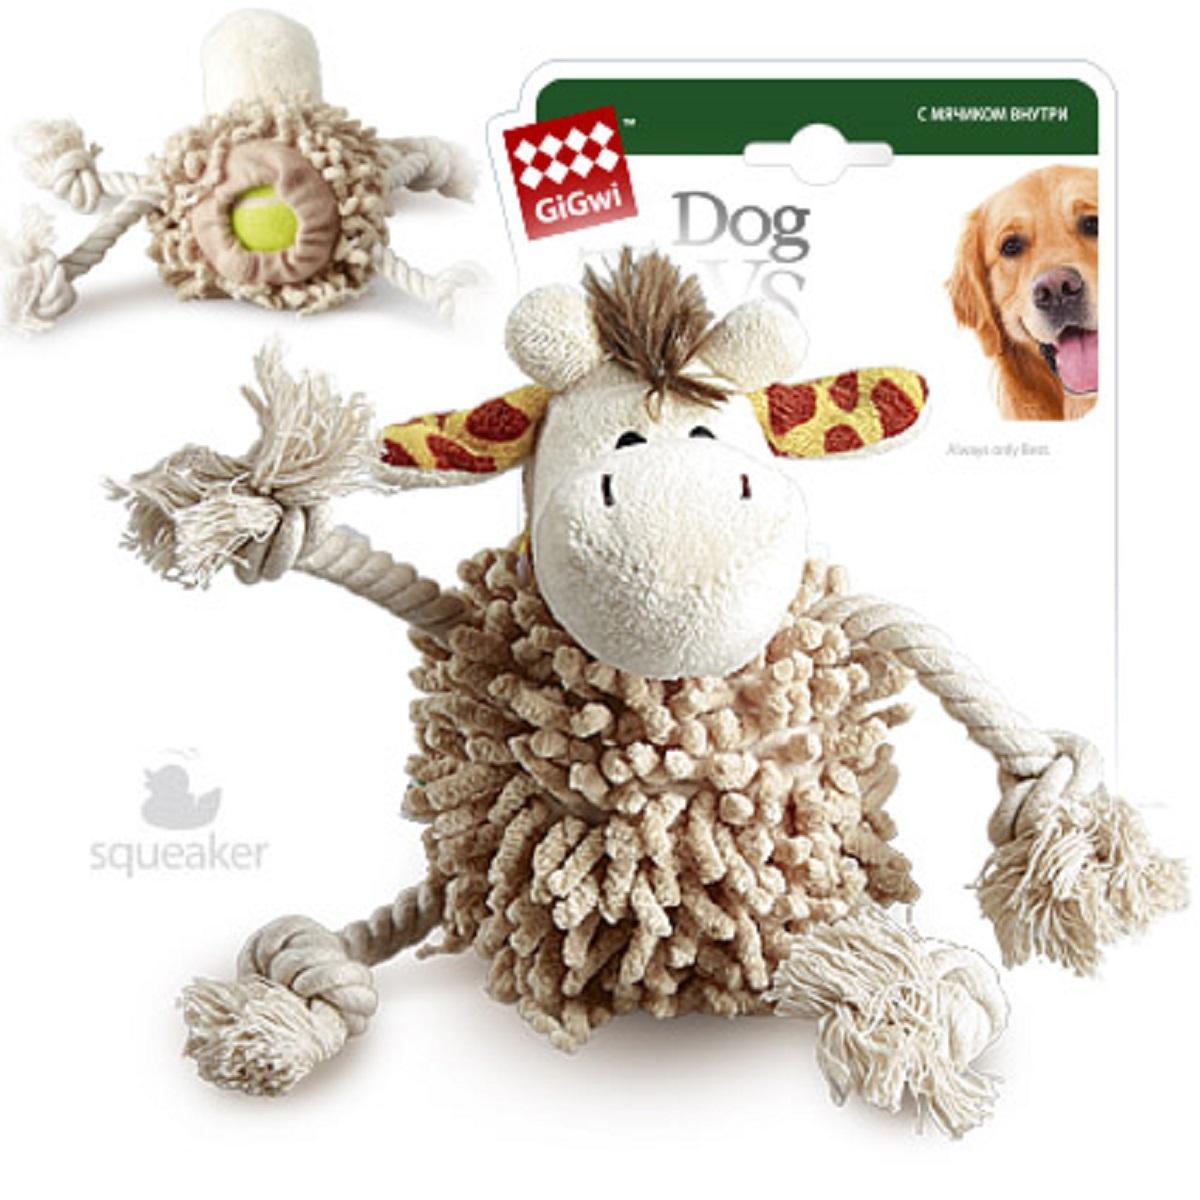 Игрушка для собак GiGwi Жираф, с теннисным мячом, длина 20 см75072Игрушка для собак GiGwi Жираф порадует вашу собаку и доставит ей море веселья. Несмотря на большое количество материалов, большинство собак для игры выбирают классические плюшевые игрушки. Такие игрушки можно носить, уютно прижиматься во сне, жевать. Некоторые собаки просто любят взять в зубы игрушку и ходить с ней повсюду. Мягкие игрушки сохраняют запах питомца, поэтому он каждый раз к ней возвращается. Милые, мягкие и приятные зверушки характеризуются высоким качеством исполнения и привлекательным дизайном. Внутри игрушки теннисный мяч.Длина игрушки: 20 см.